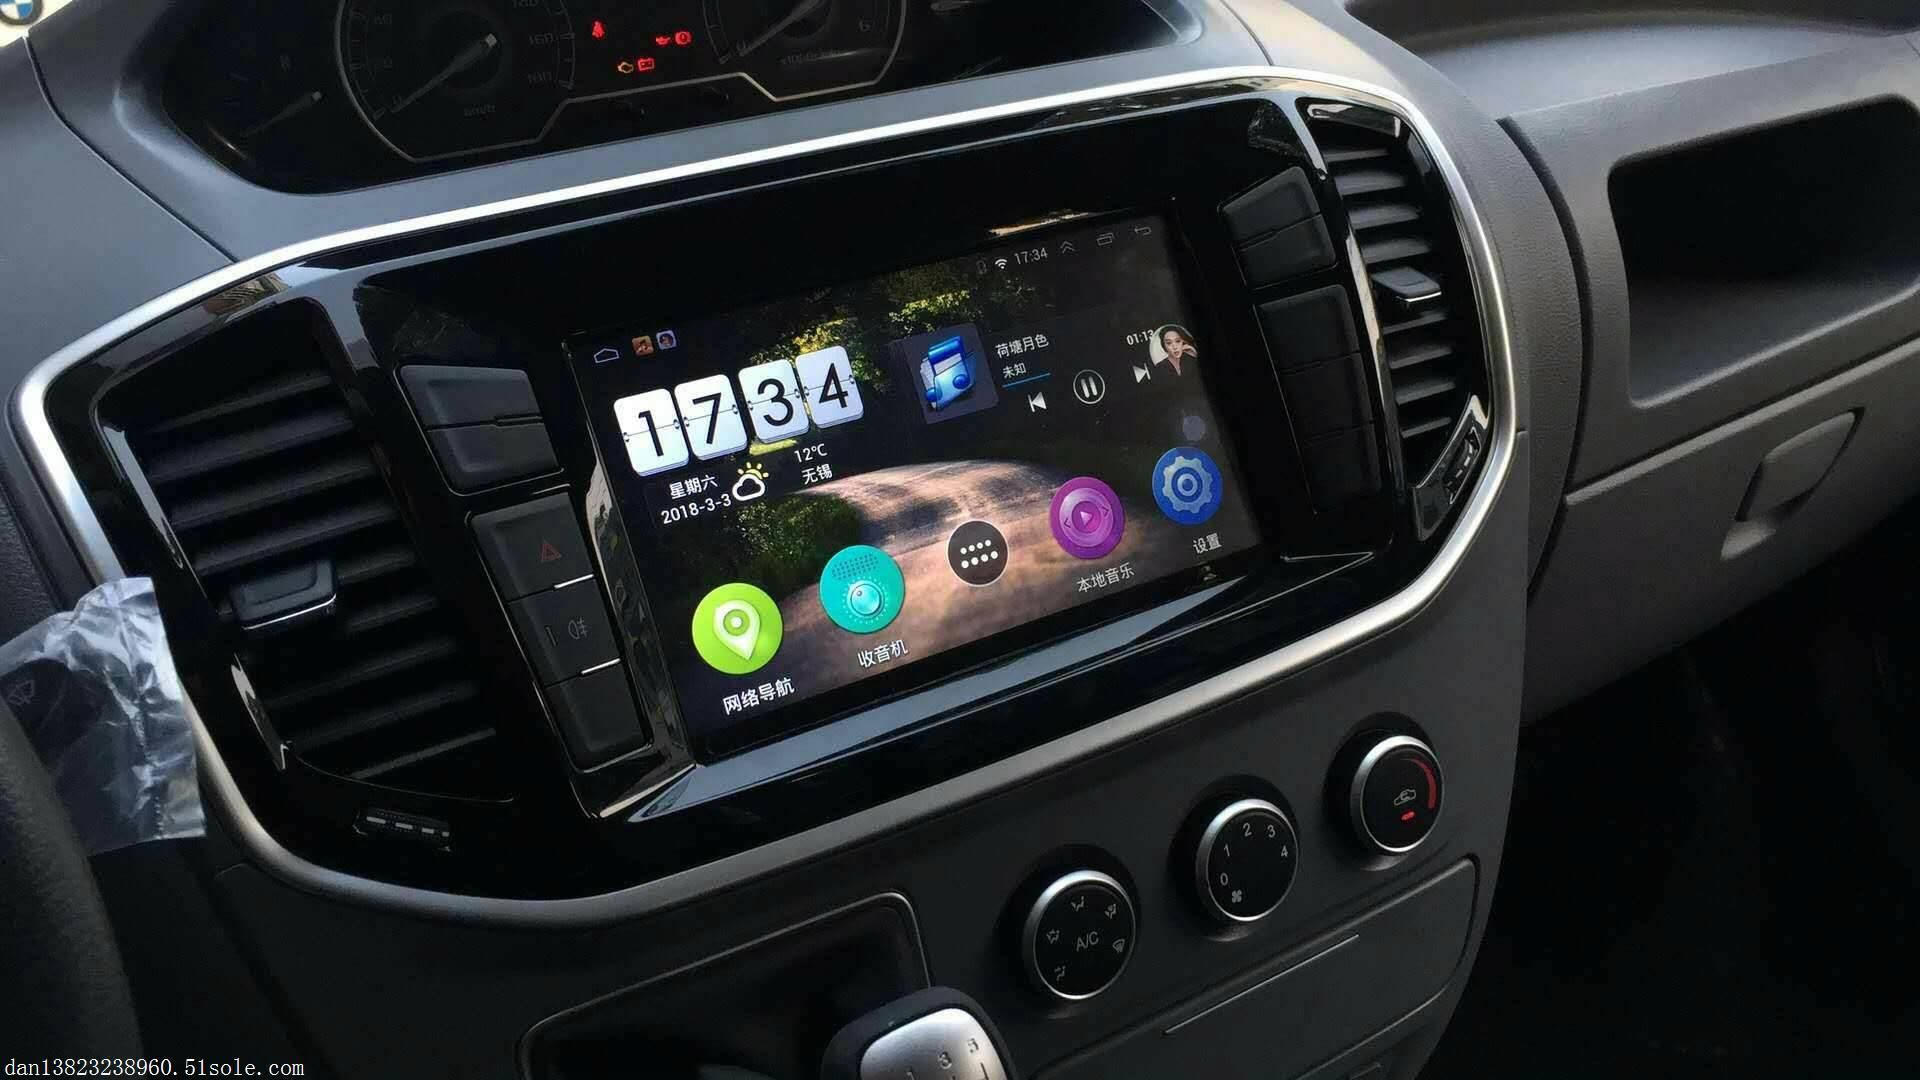 2018款上汽大通V80专用导航10.1寸大屏安卓系统